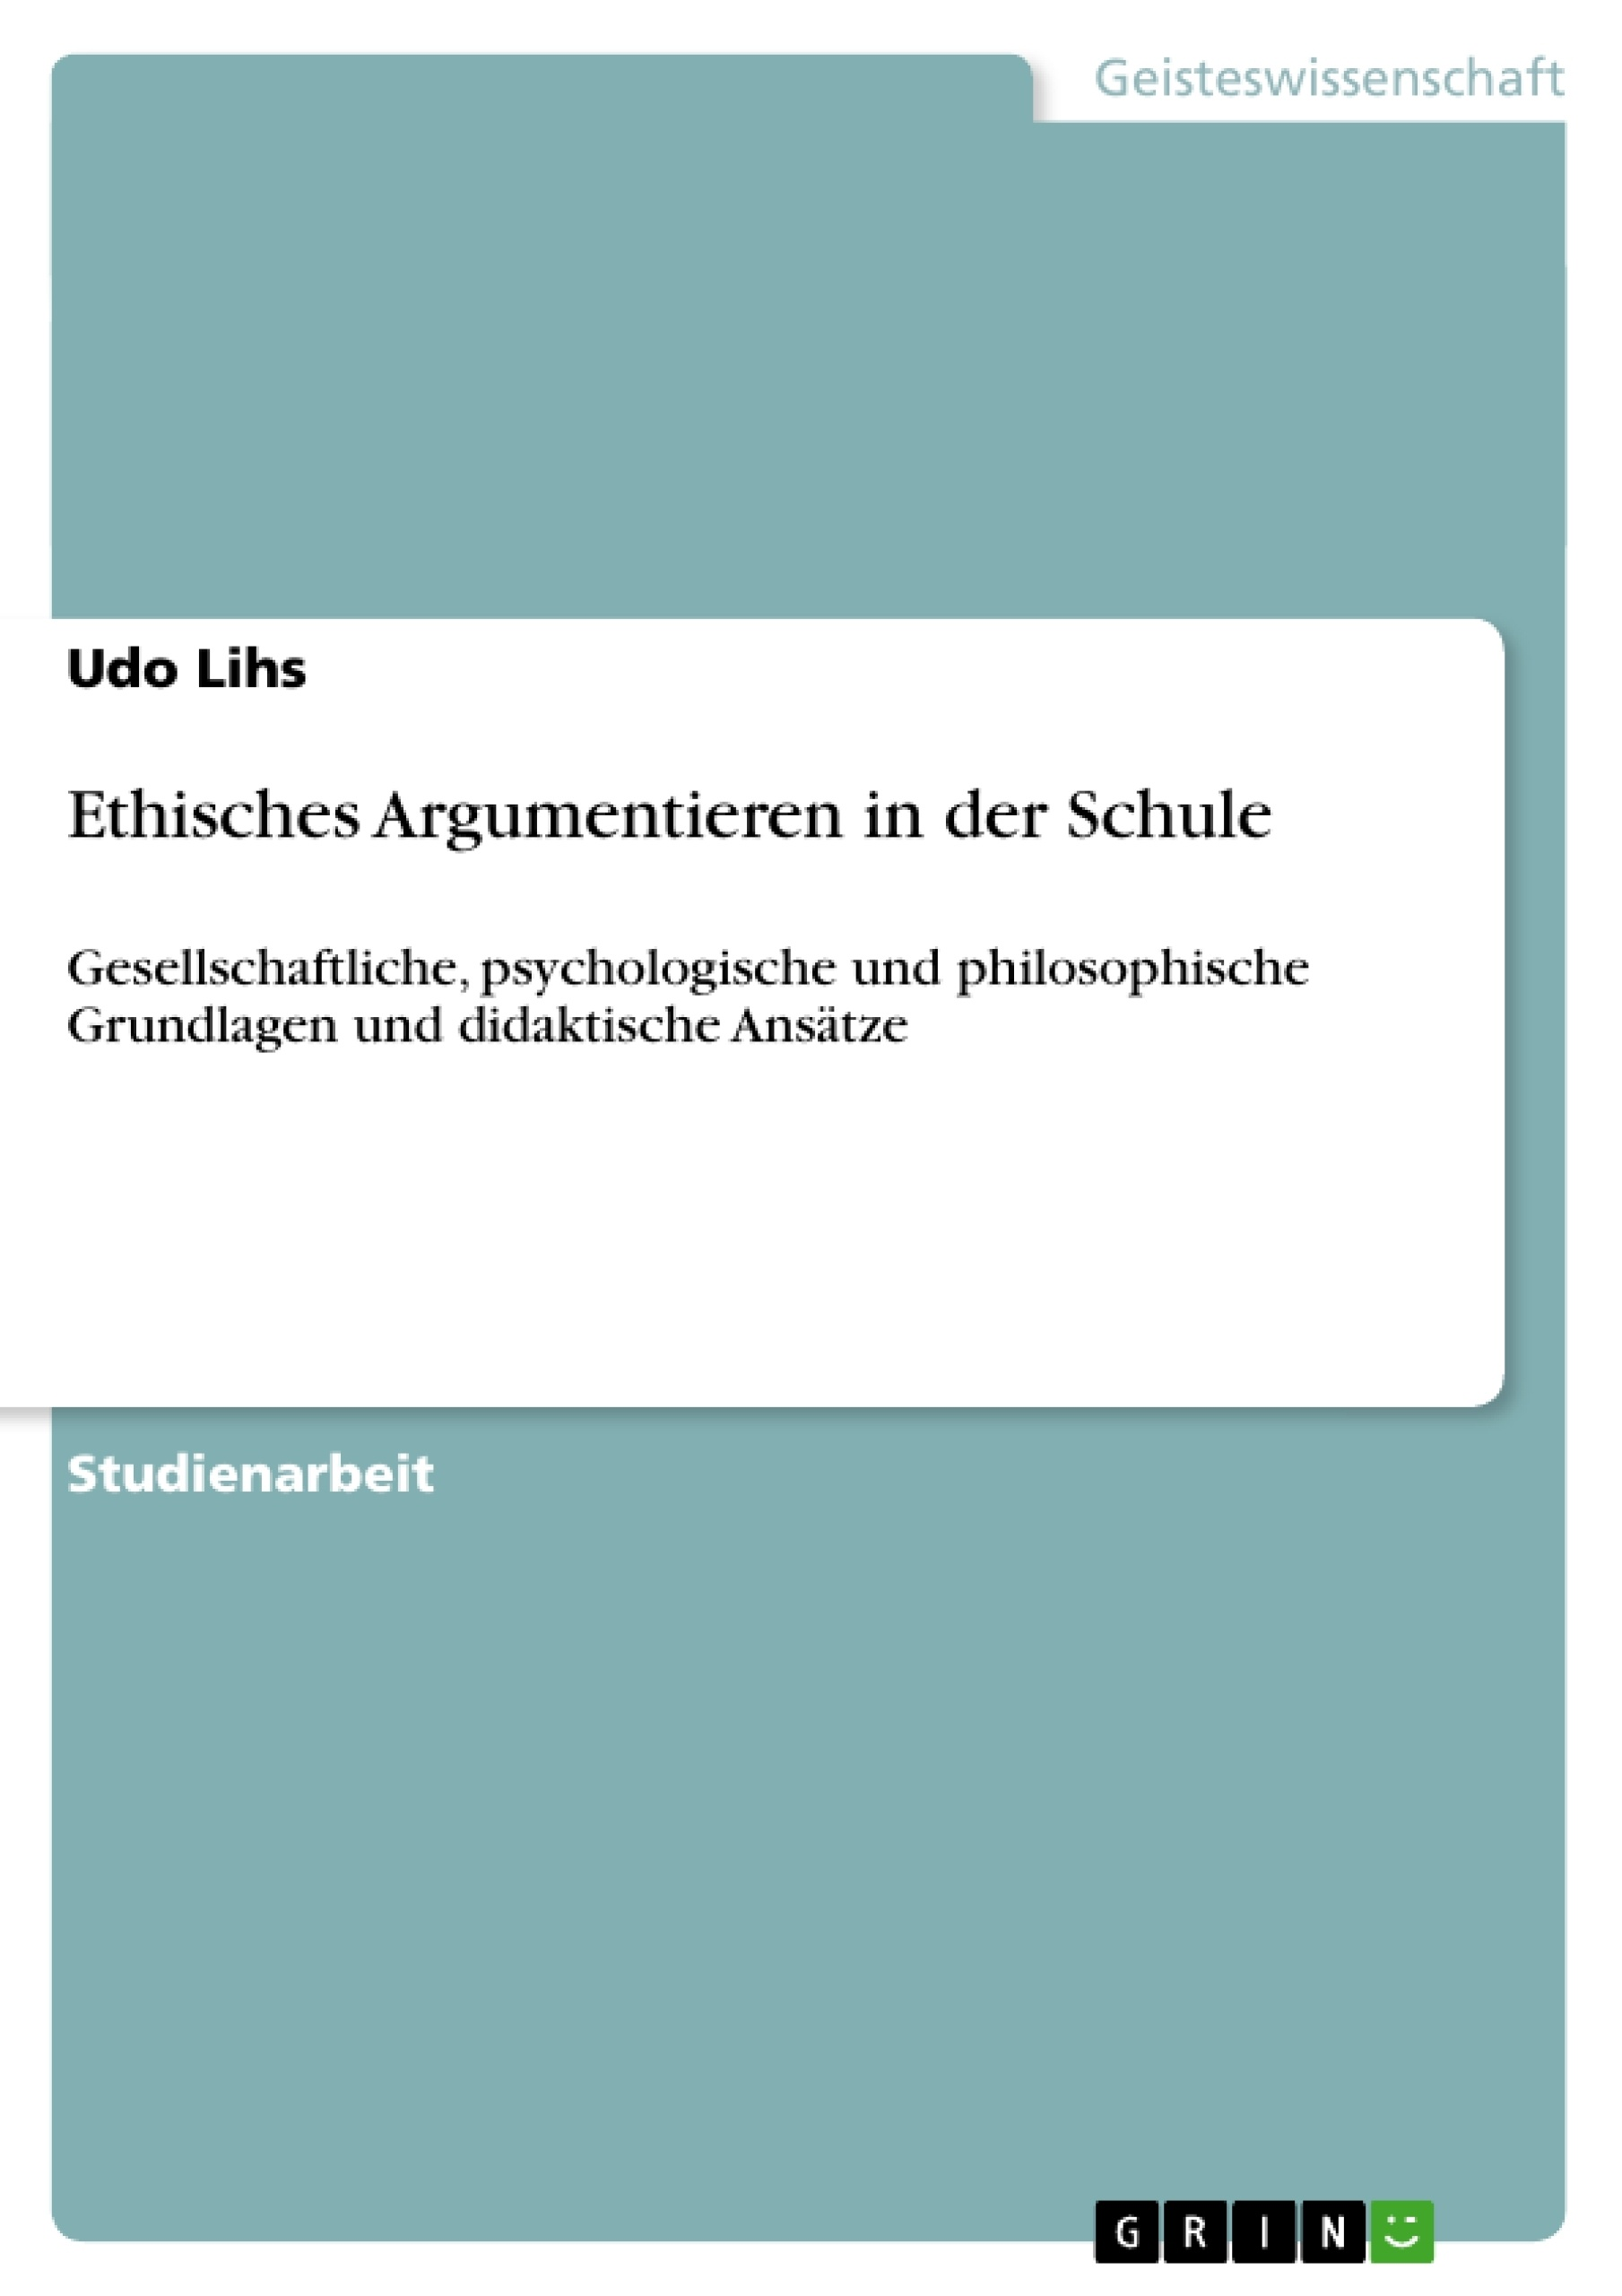 Titel: Ethisches Argumentieren in der Schule